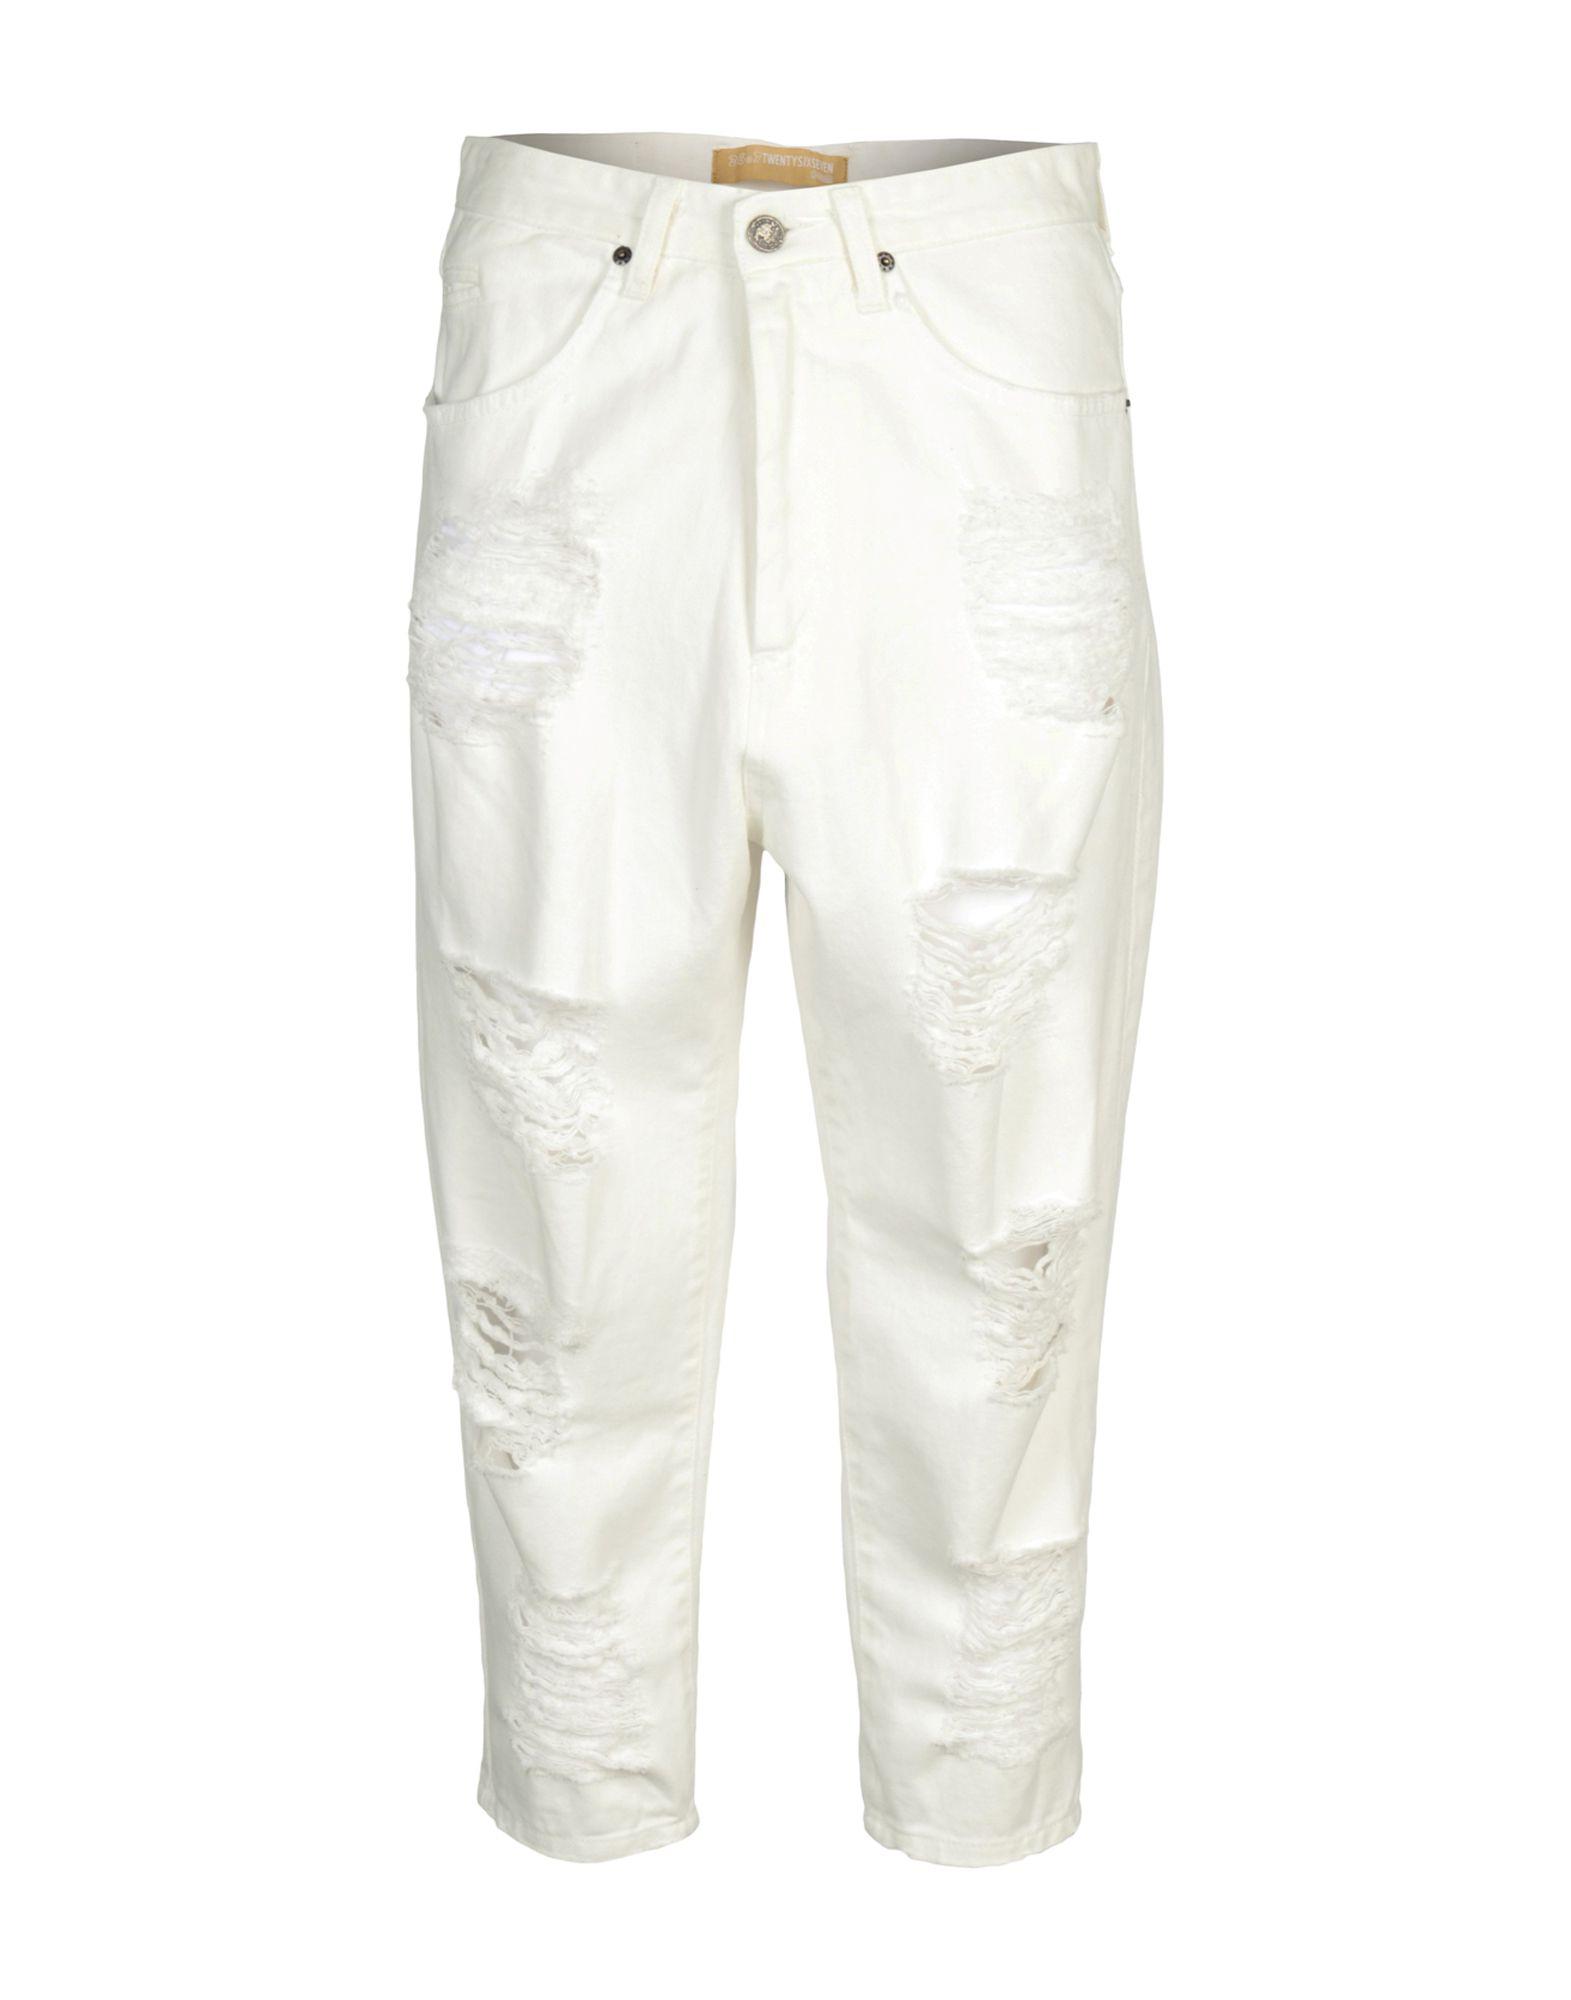 26.7 TWENTYSIXSEVEN Джинсовые брюки